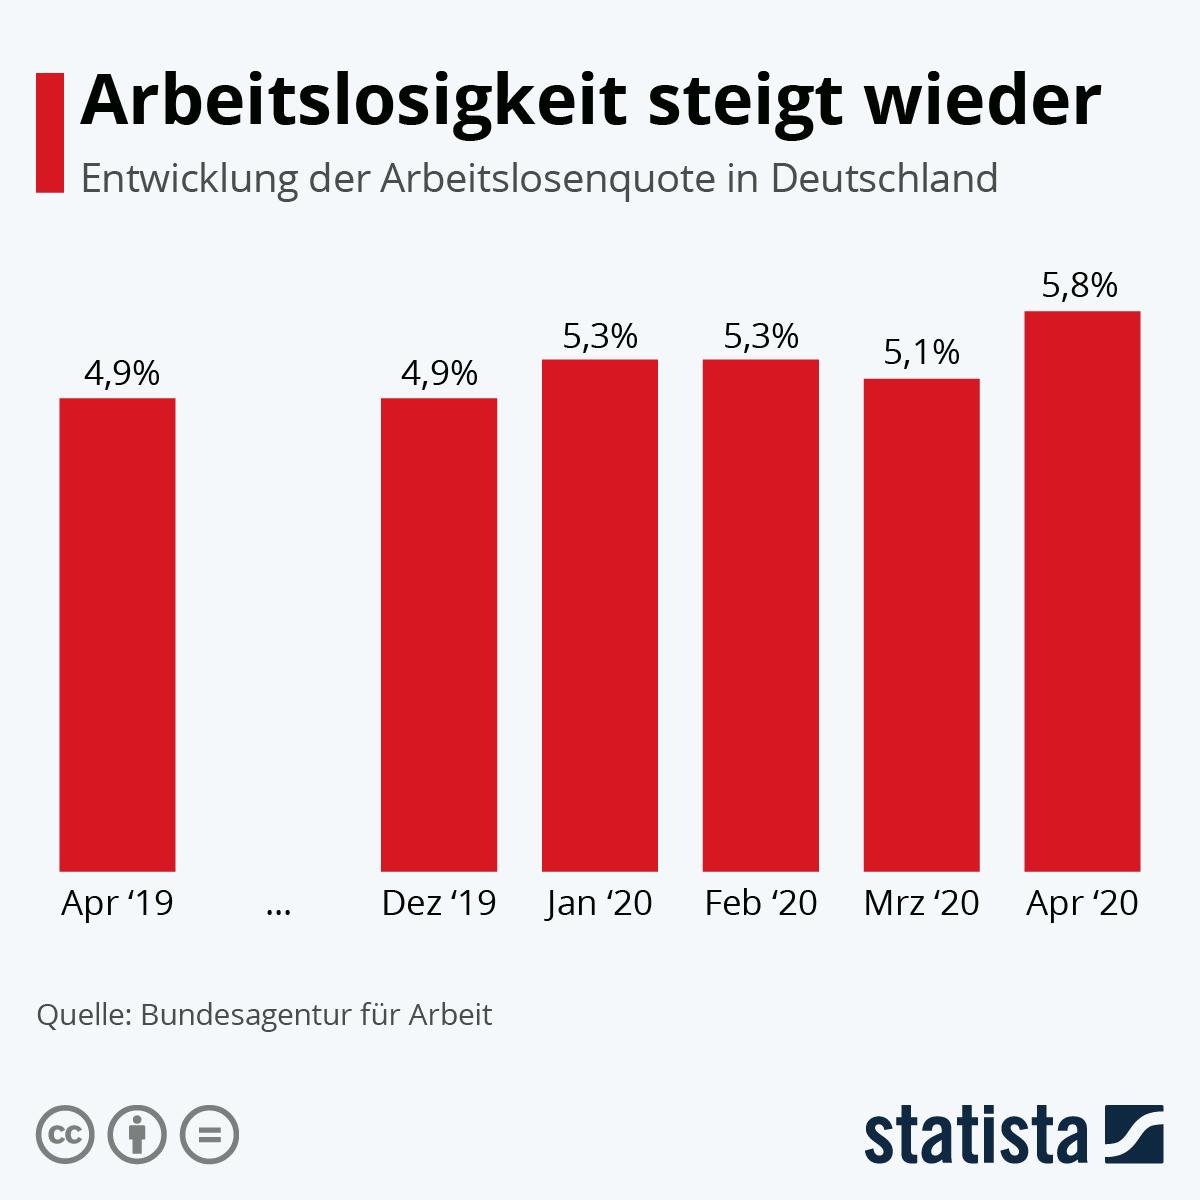 Infografik: Arbeitslosigkeit steigt wieder | Statista